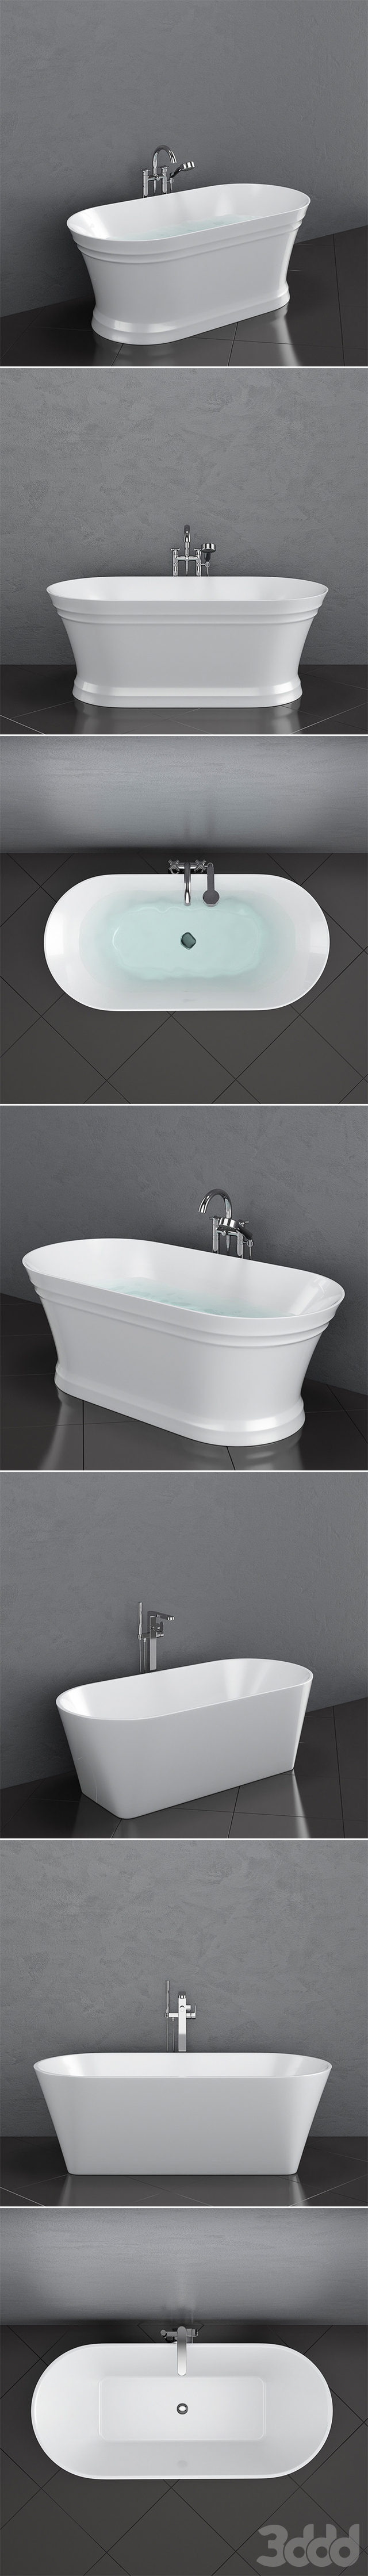 Набор отдельностоящих ванн Ravak set 35 (Solo, Retro, Freedom W, Freedom O)